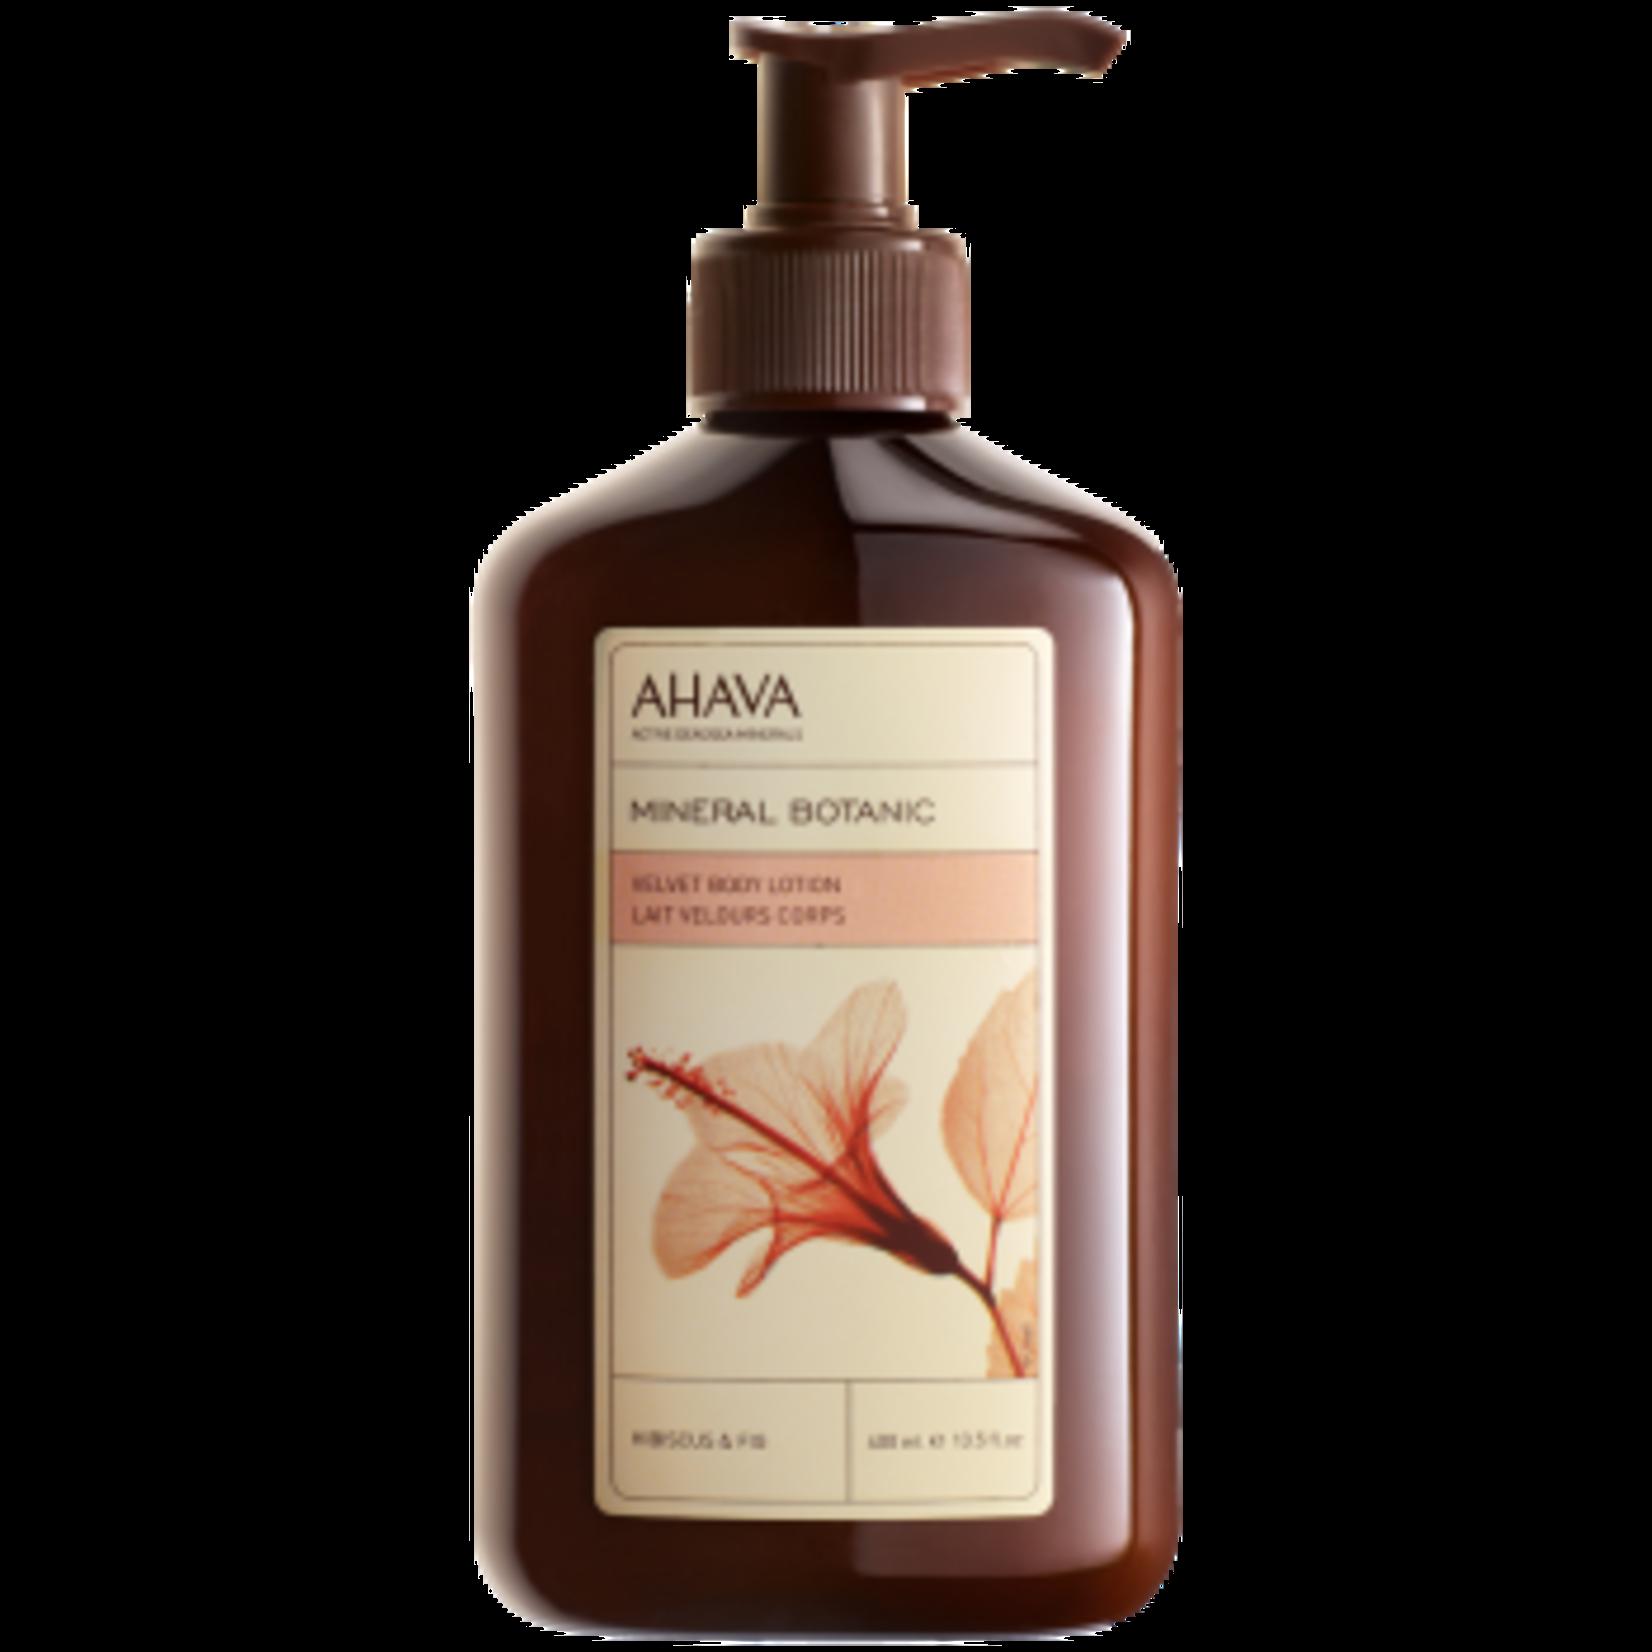 AHAVA velvet body lotion hibiscus & fig 400ml